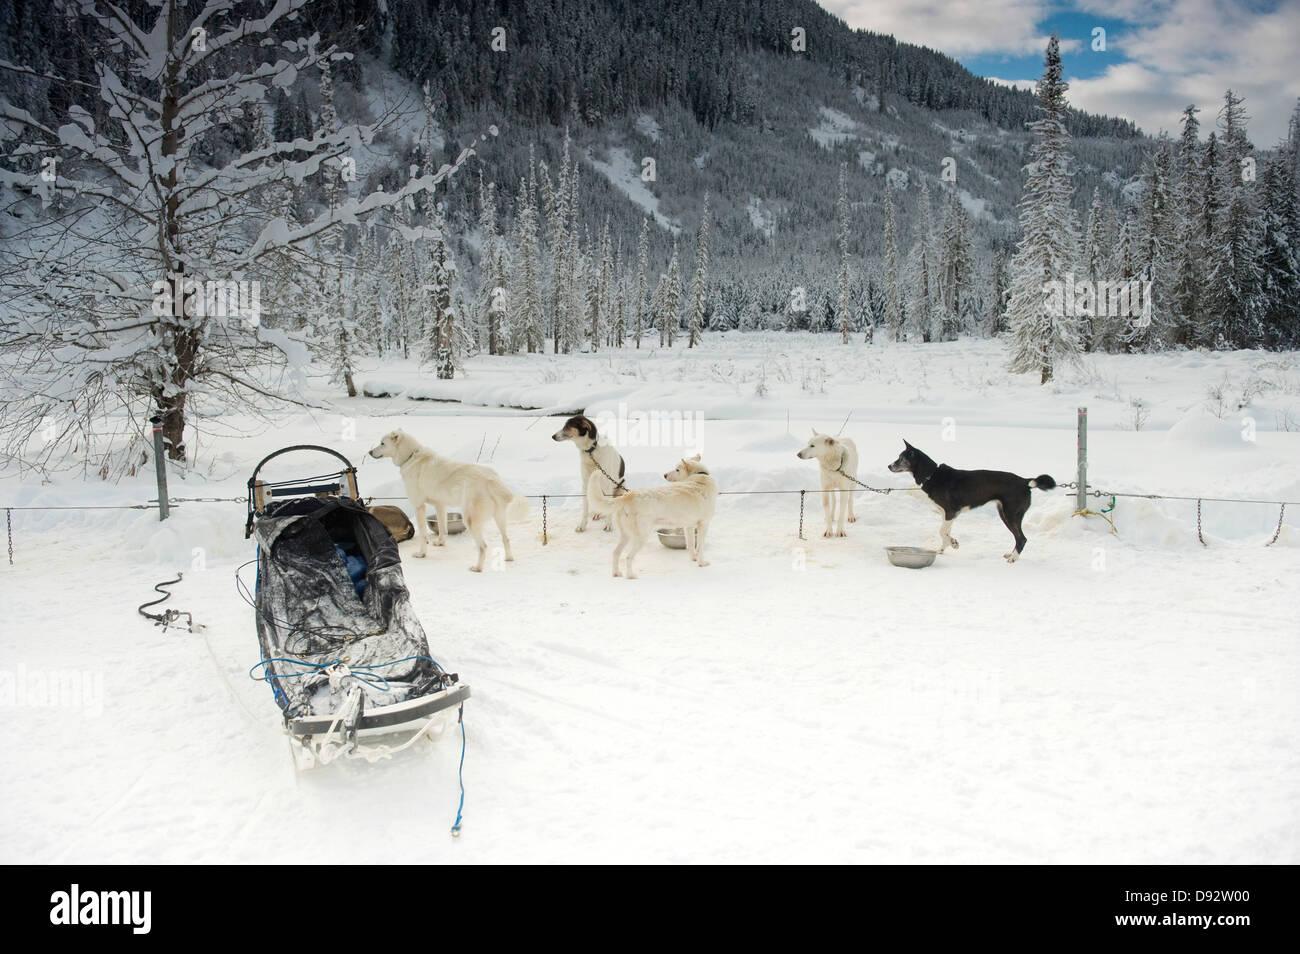 Tous les chiens de traîneau et de repos à la recherche de quelque chose en dehors du cadre Banque D'Images